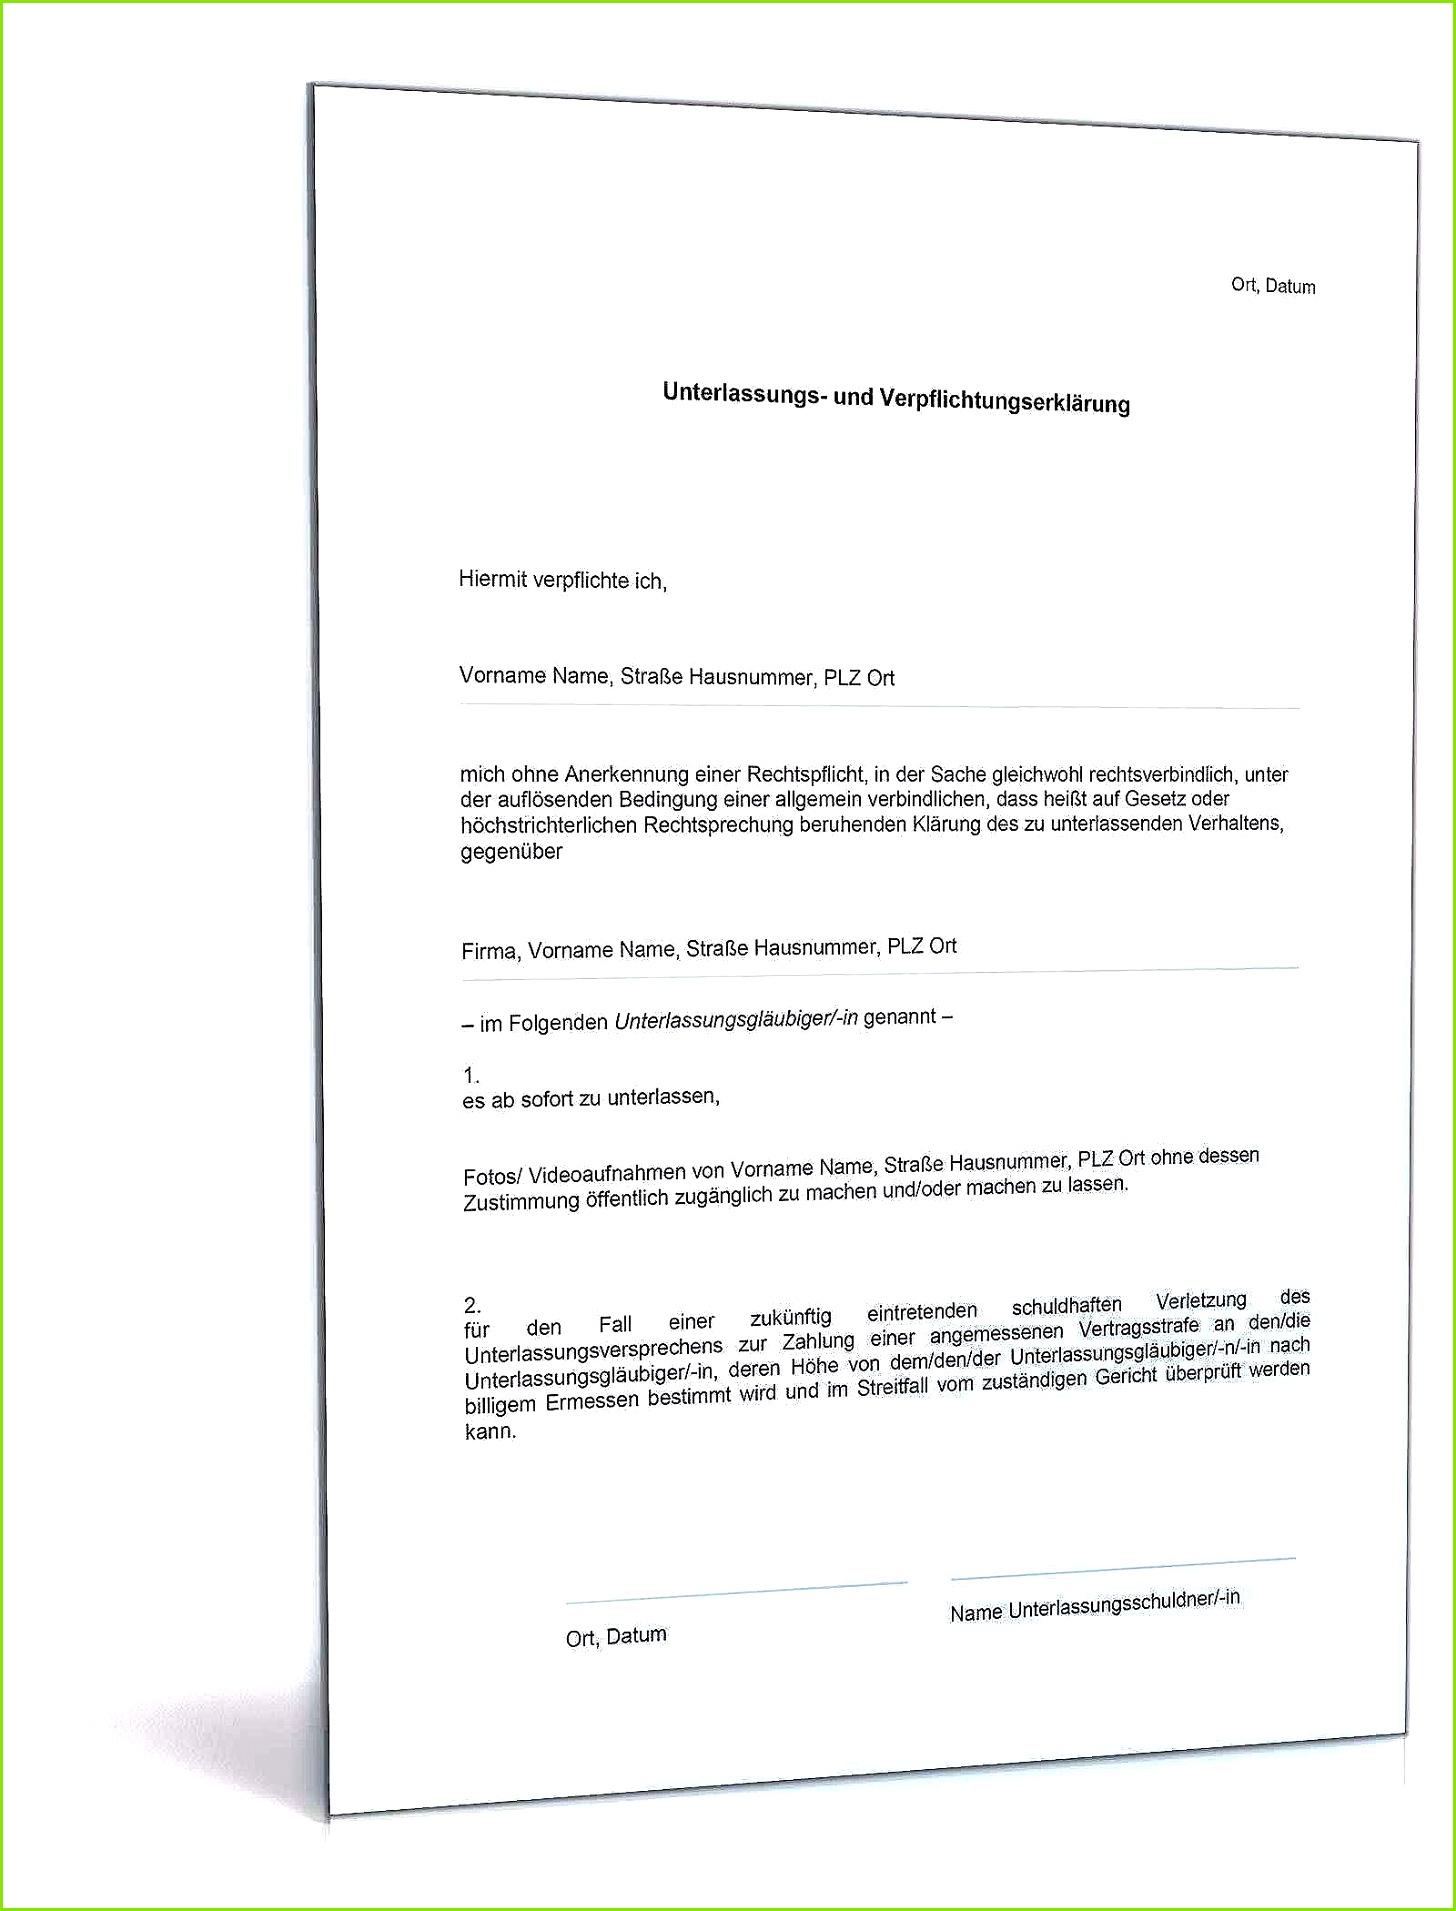 Unterlassungserklärung Vorlage Elegante Download Archiv • Rechtliches Dokumente &